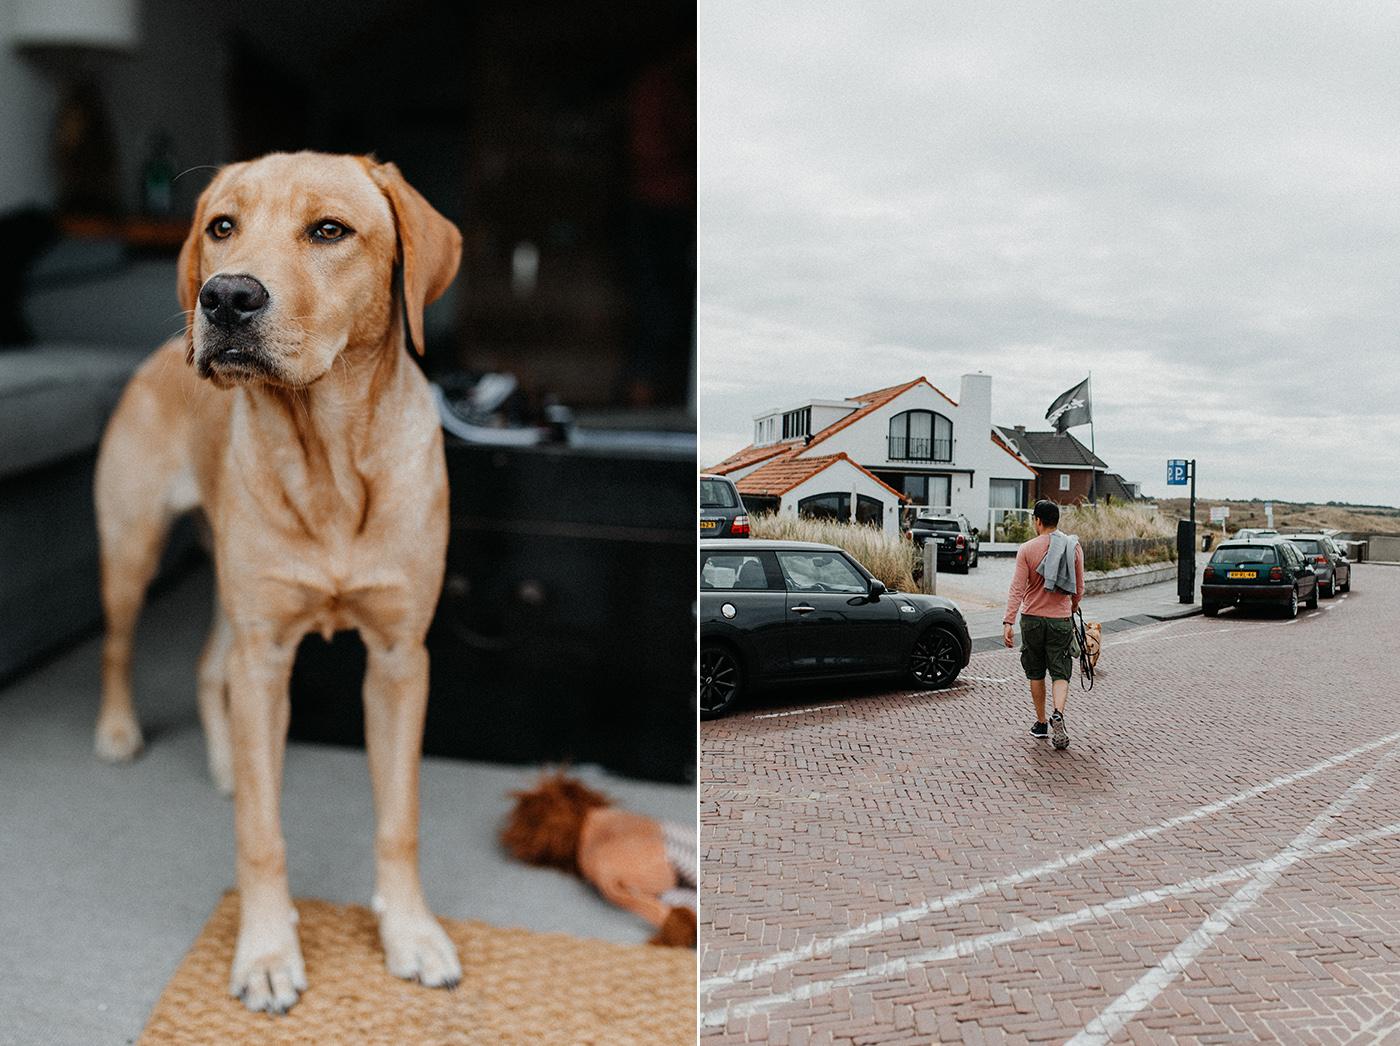 Traumanufaktur_Reisereportage_Niederlande_Zaandvoort_Urlaub_mit_Hund_17.jpg